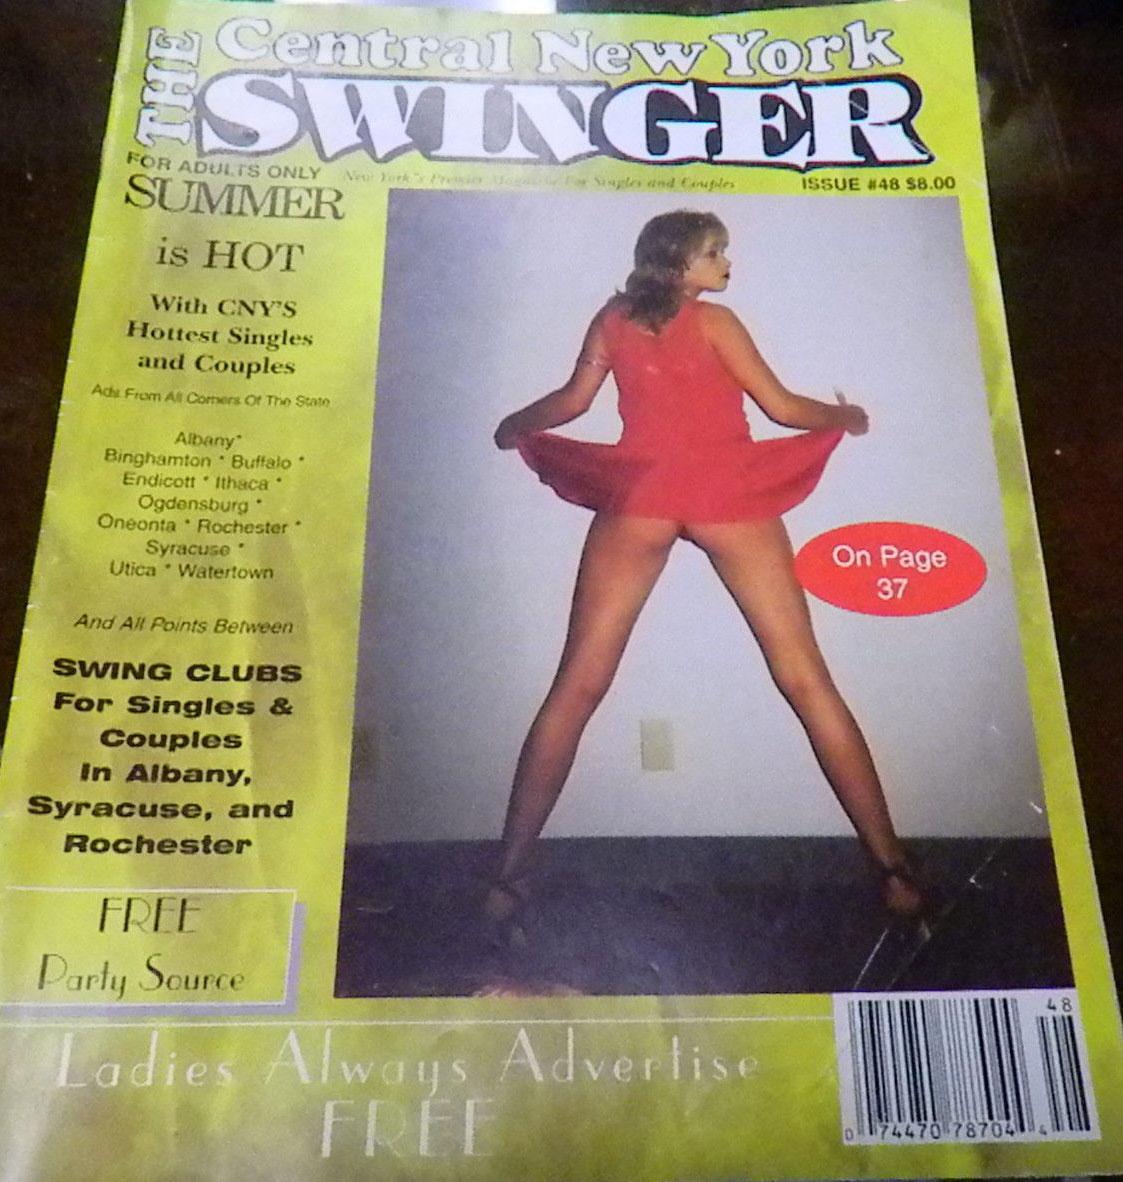 Central New York Swinger # 48 Magazine NY Swinger # 48